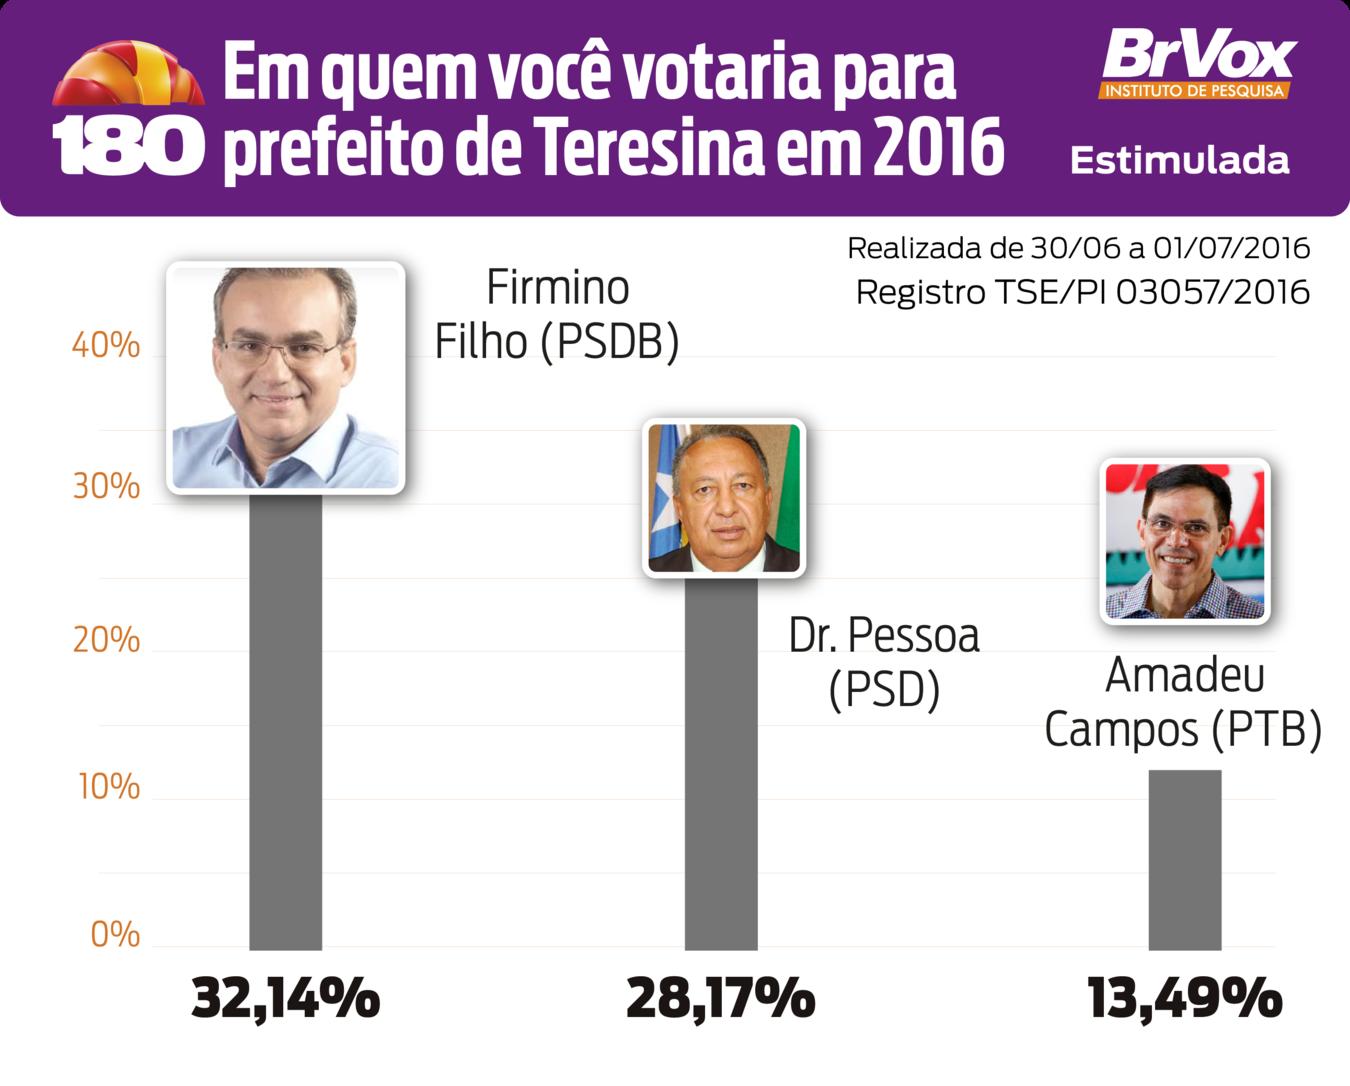 BrVoxTeresina:Firmino tem 32%, Dr Pessoa 28% e Amadeu